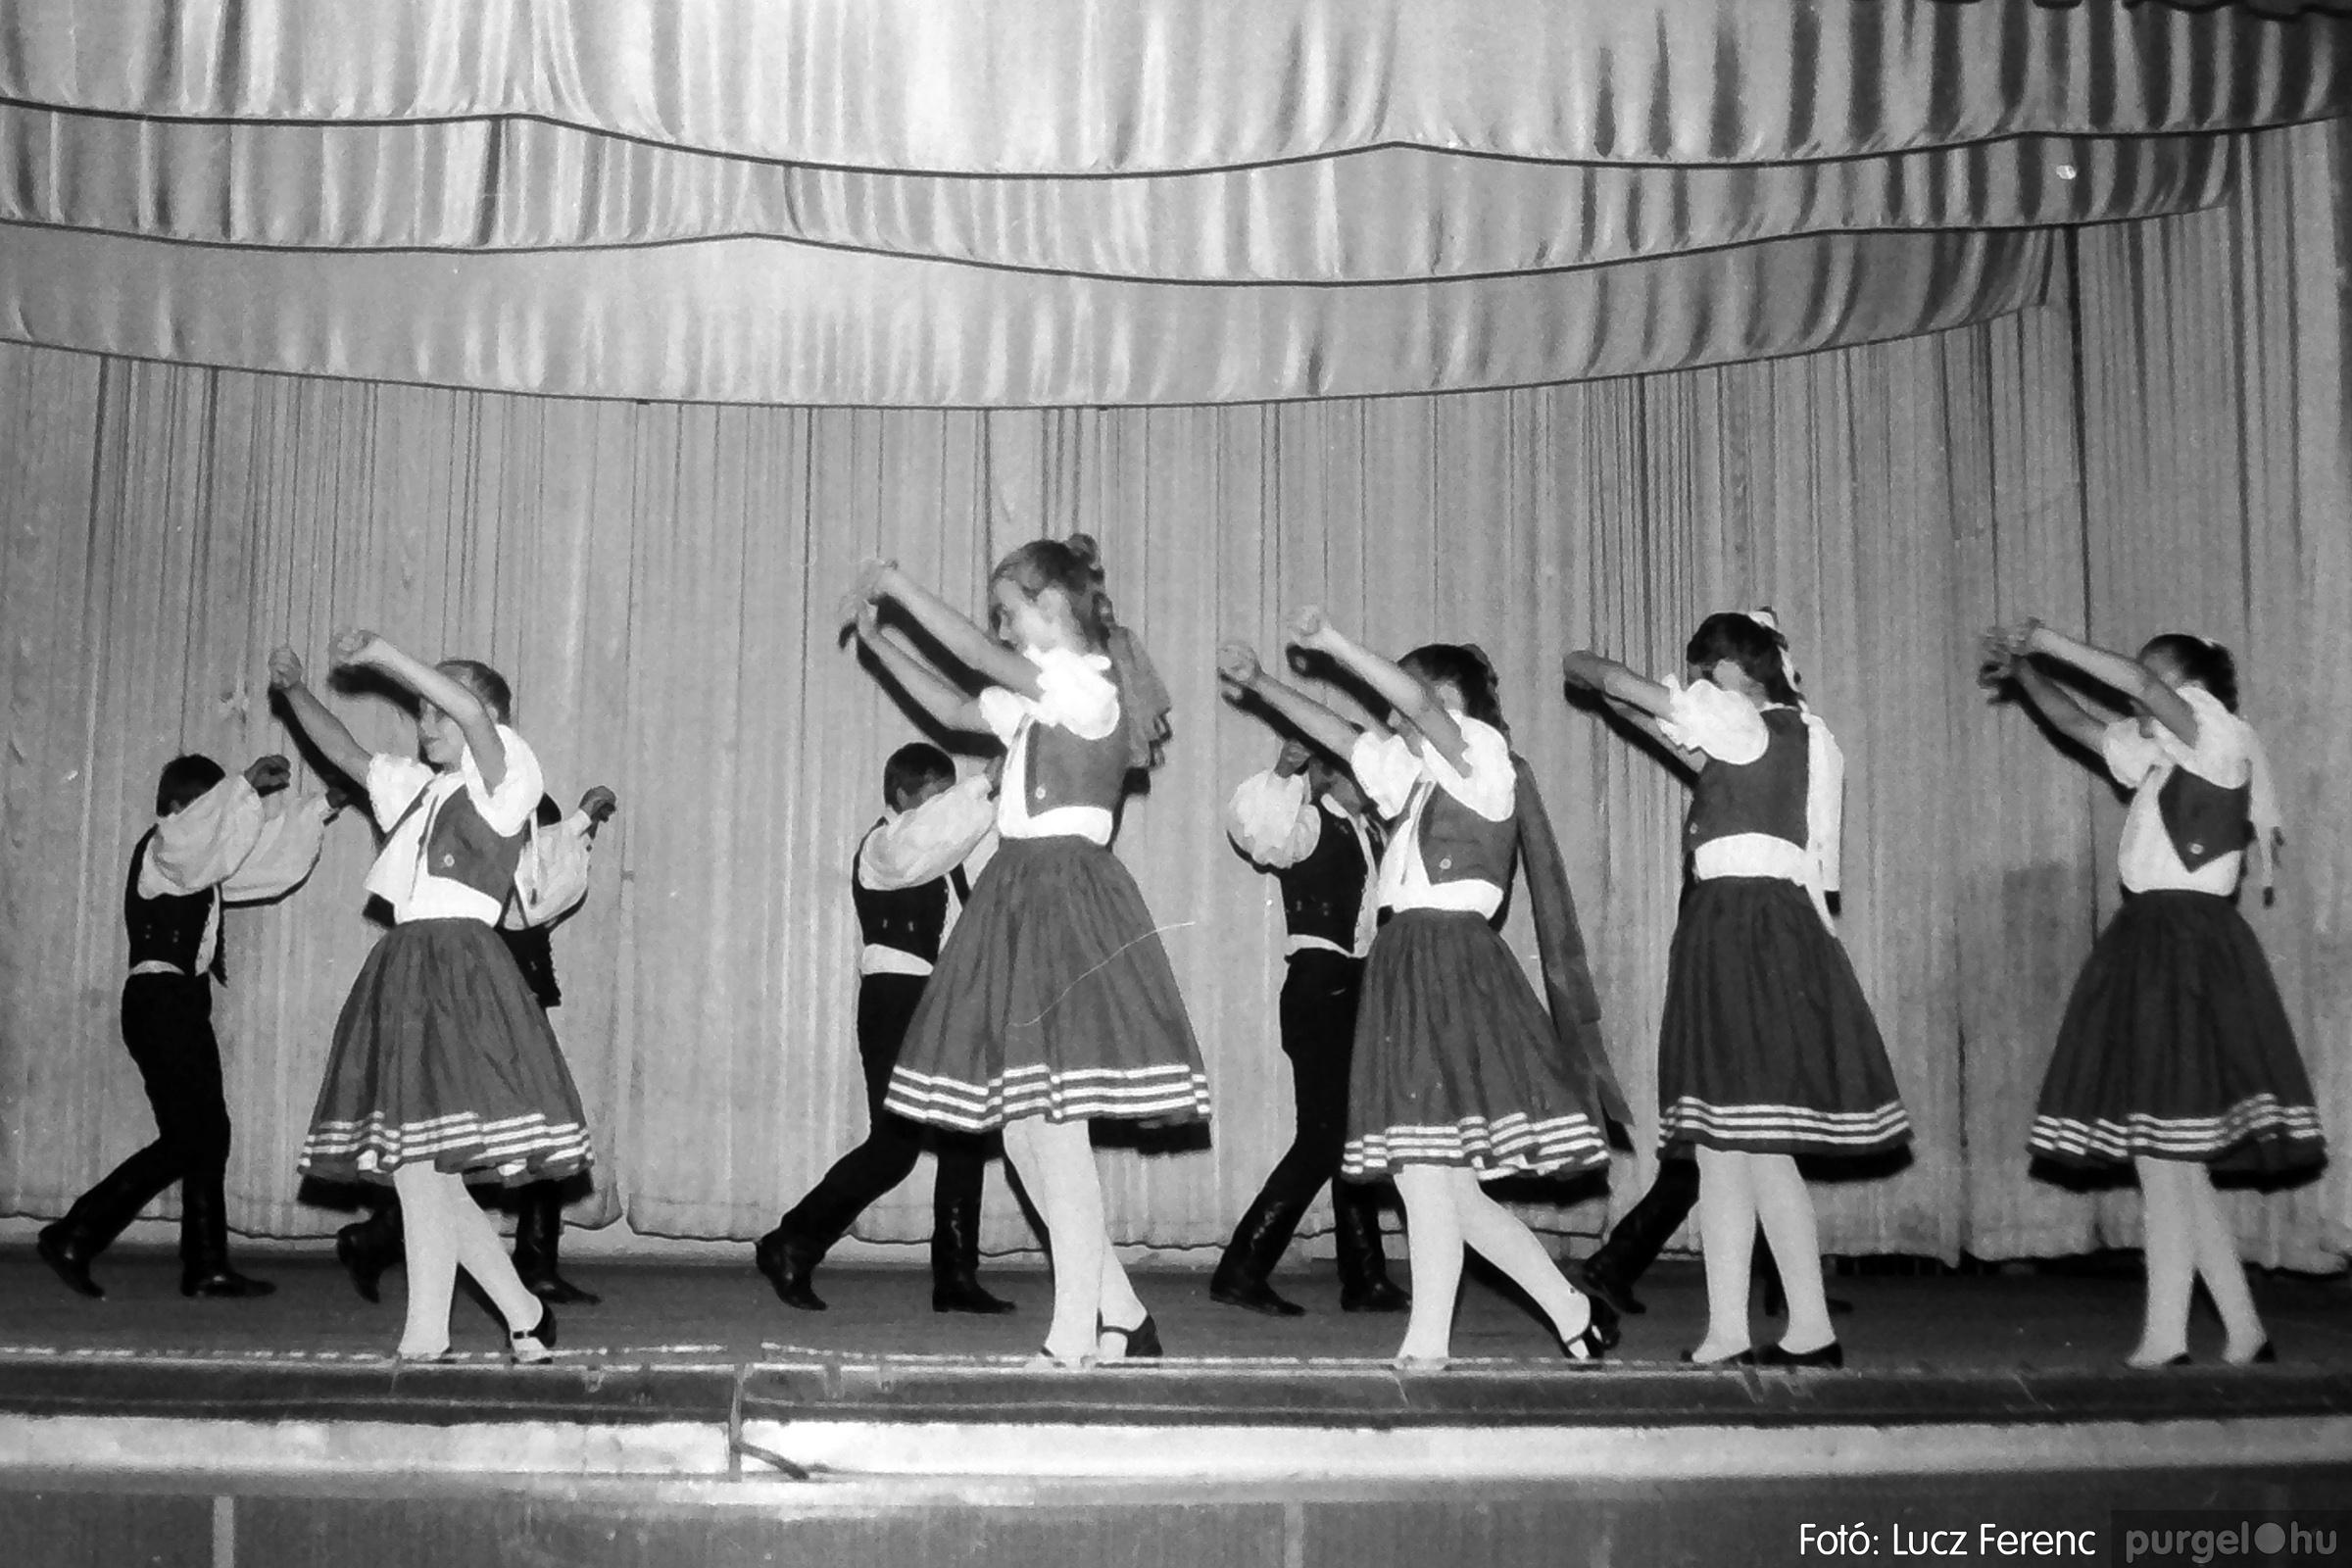 081. 1977. Néptáncosok fellépése a kultúrházban 005. - Fotó: Lucz Ferenc.jpg